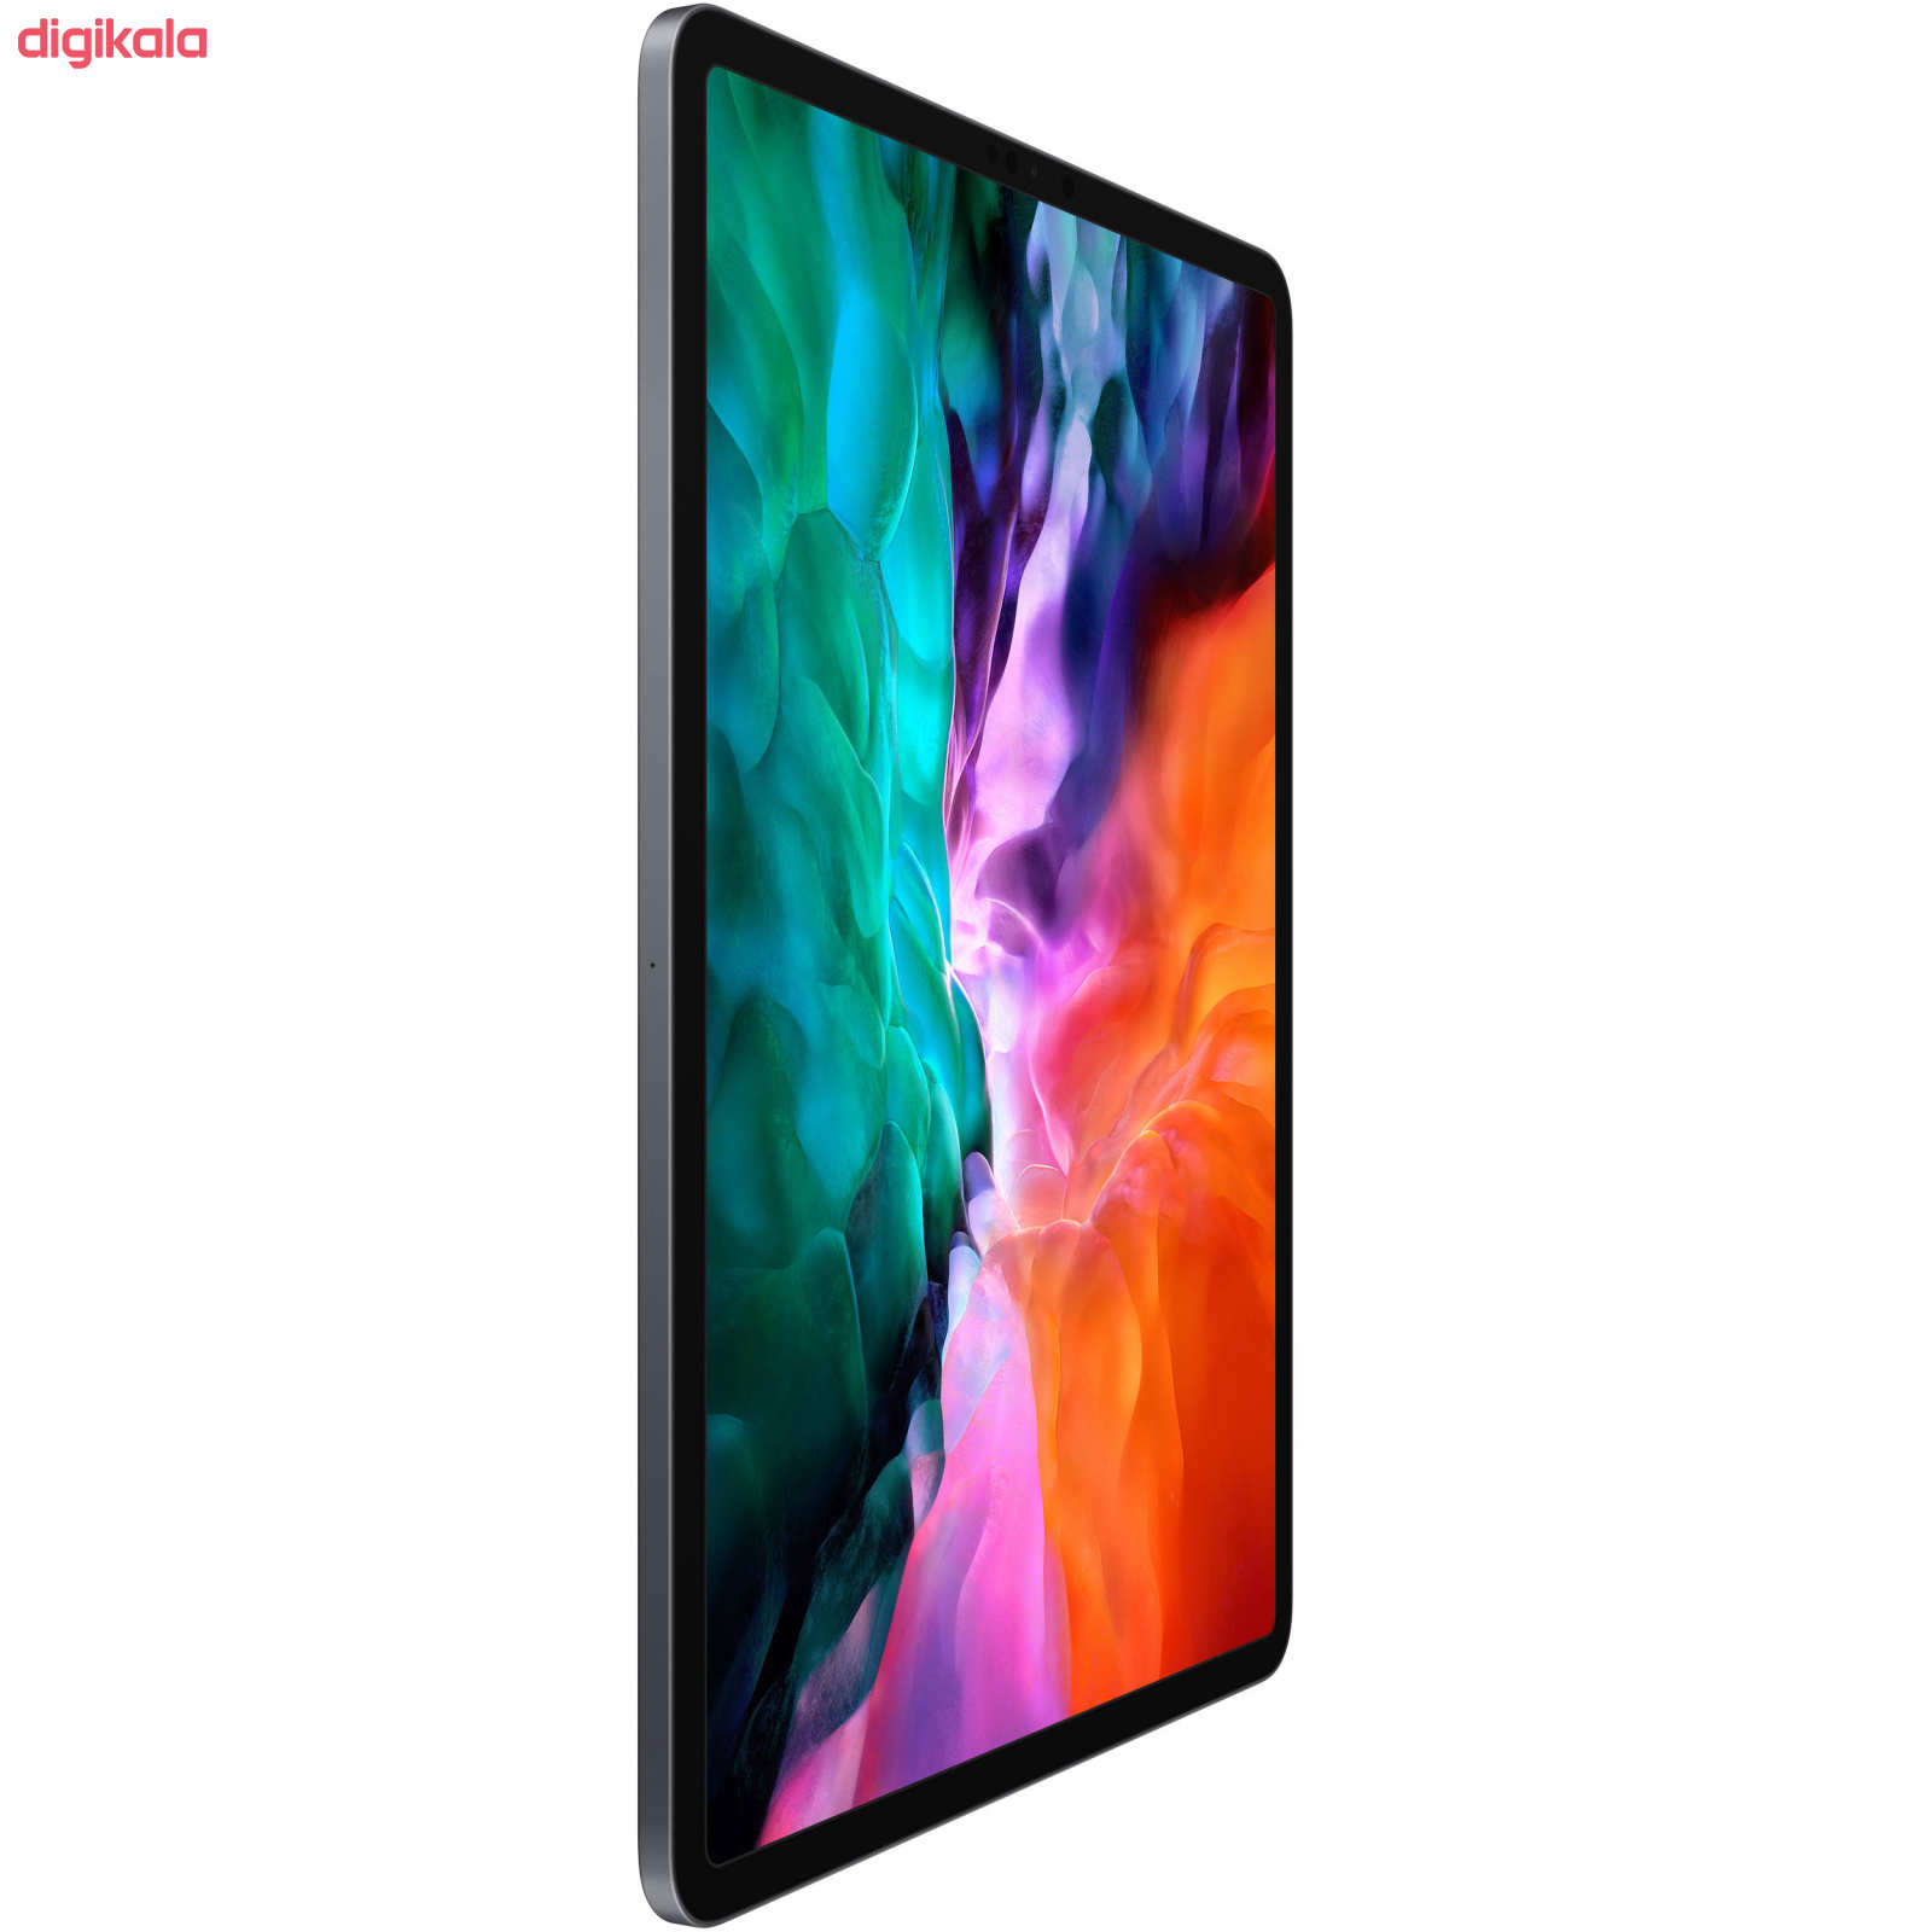 تبلت اپل مدل iPad Pro 2020 12.9 inch WiFi ظرفیت 128 گیگابایت  main 1 3